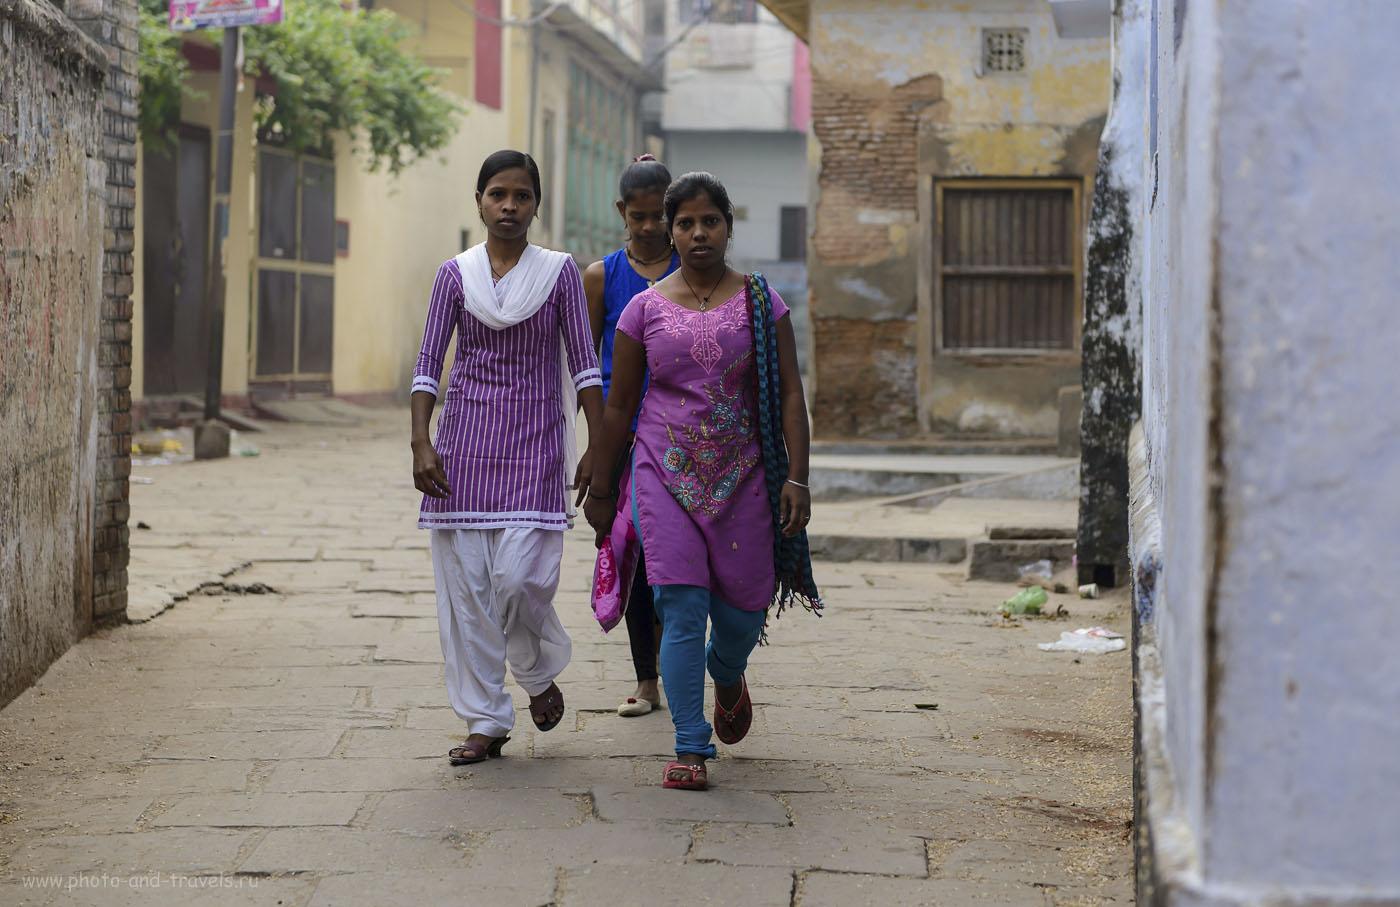 """Фото 2. Слева – ворота отеля """"Сингх Гэстхаус"""" в Варанаси. Отзывы туристов об отдыхе в Индии. 1/500, 2.8, 250, 70."""